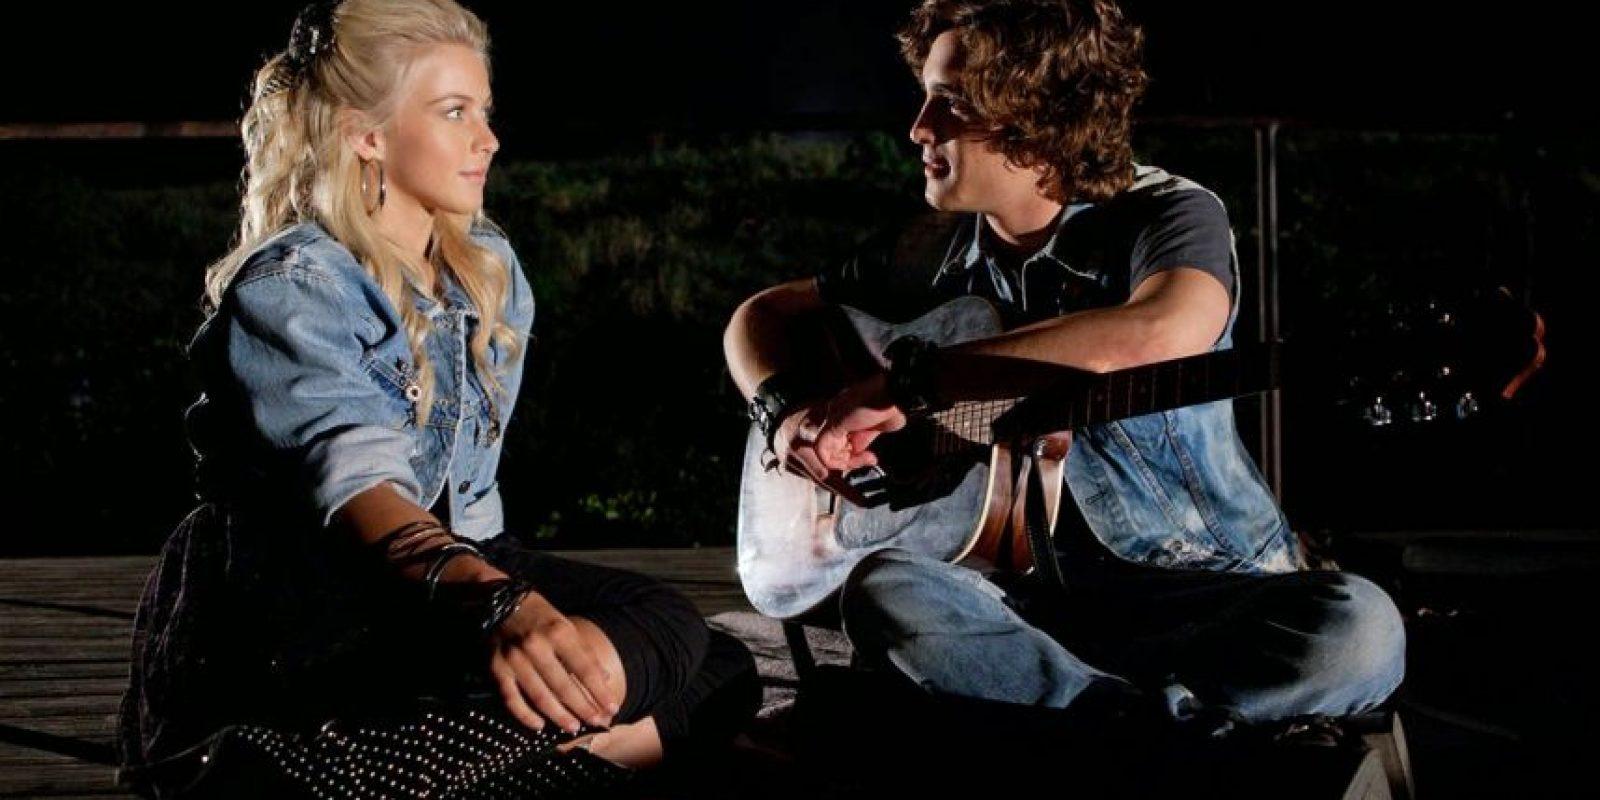 """Y en 2012, le dio vida a """"Drew Boley"""" en el musical """"Rock of Ages"""". Foto:IMDB"""